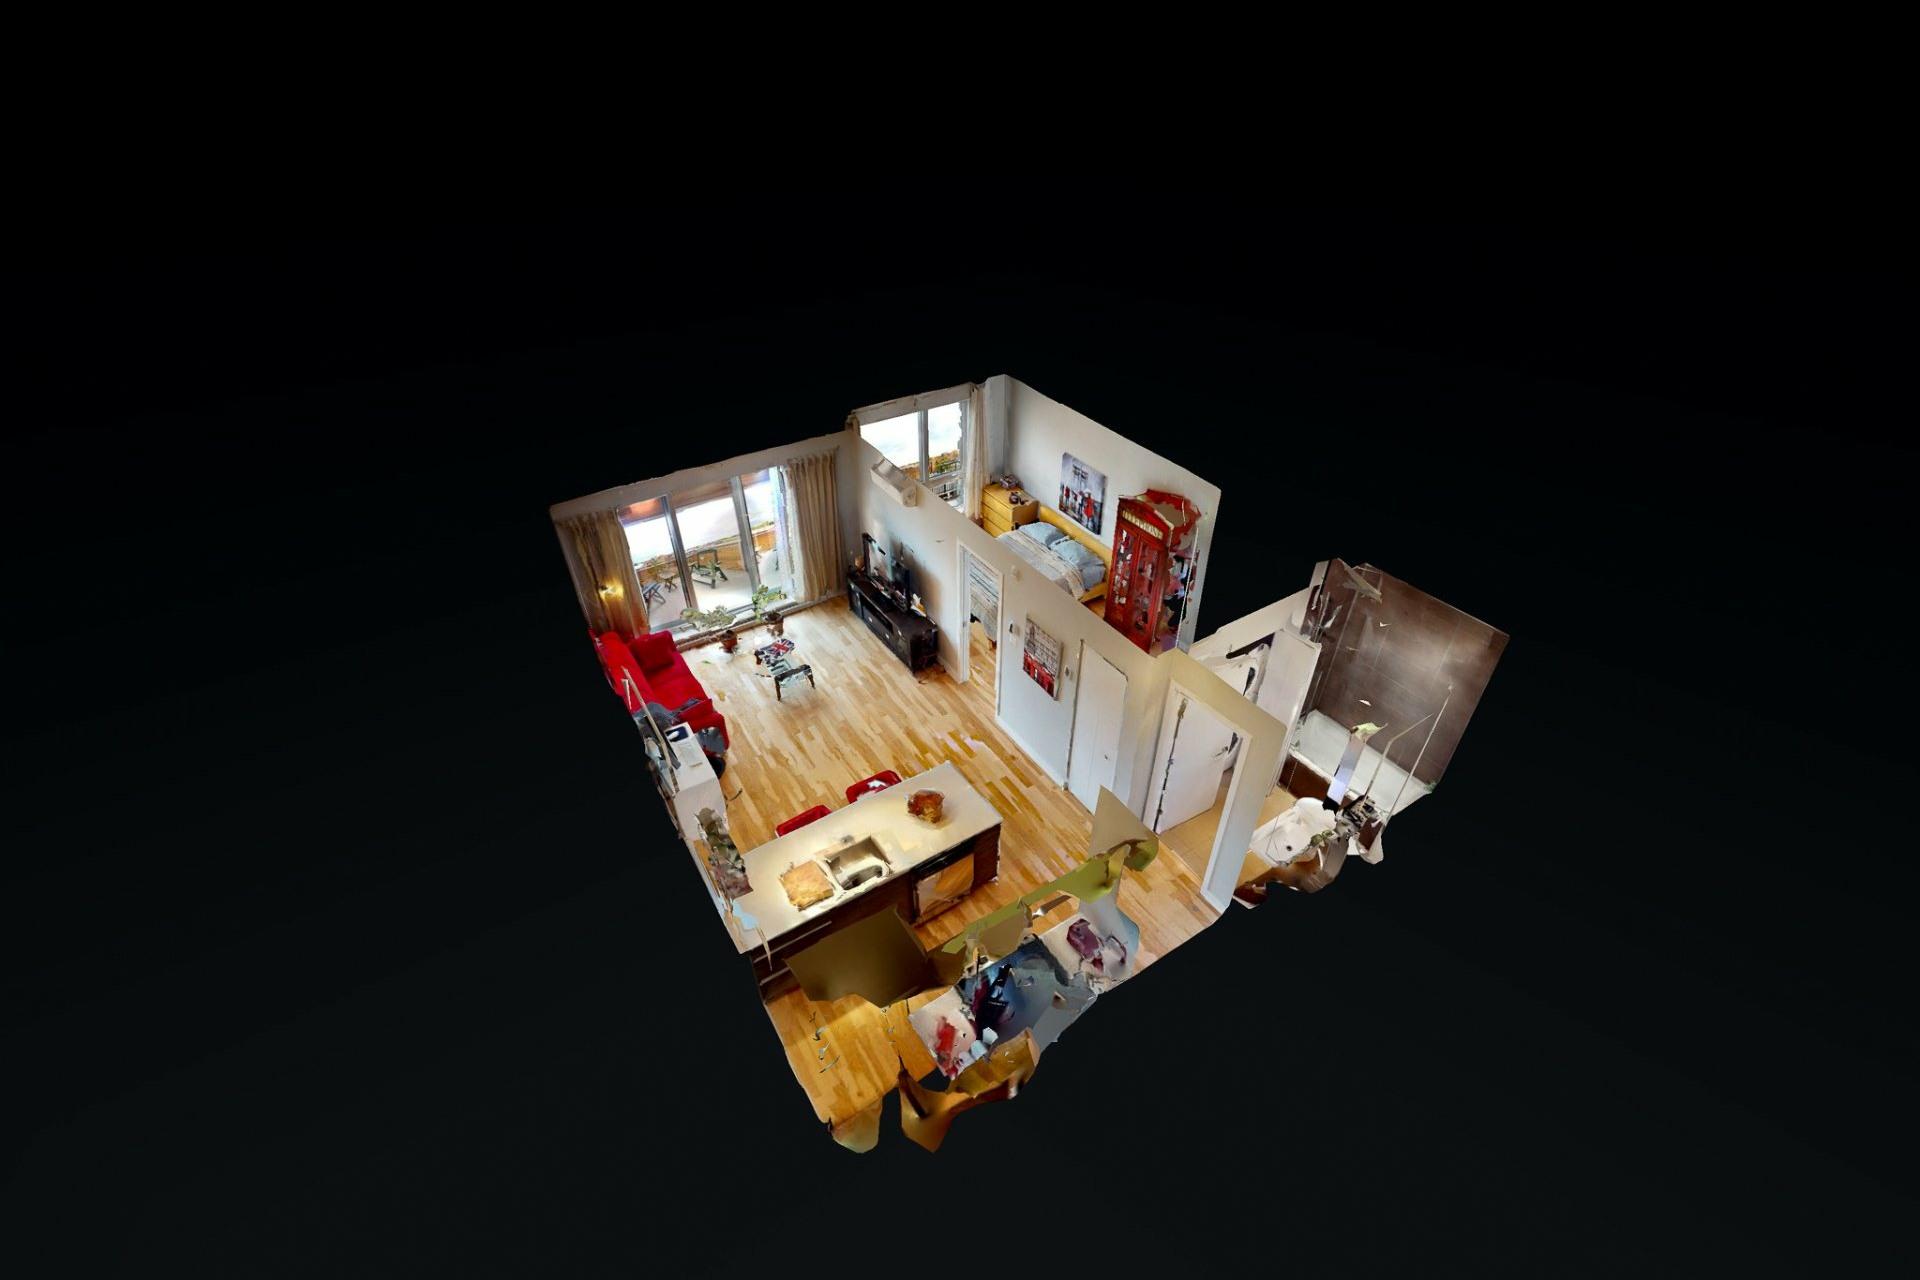 image 21 - Appartement À vendre Rosemont/La Petite-Patrie Montréal  - 3 pièces